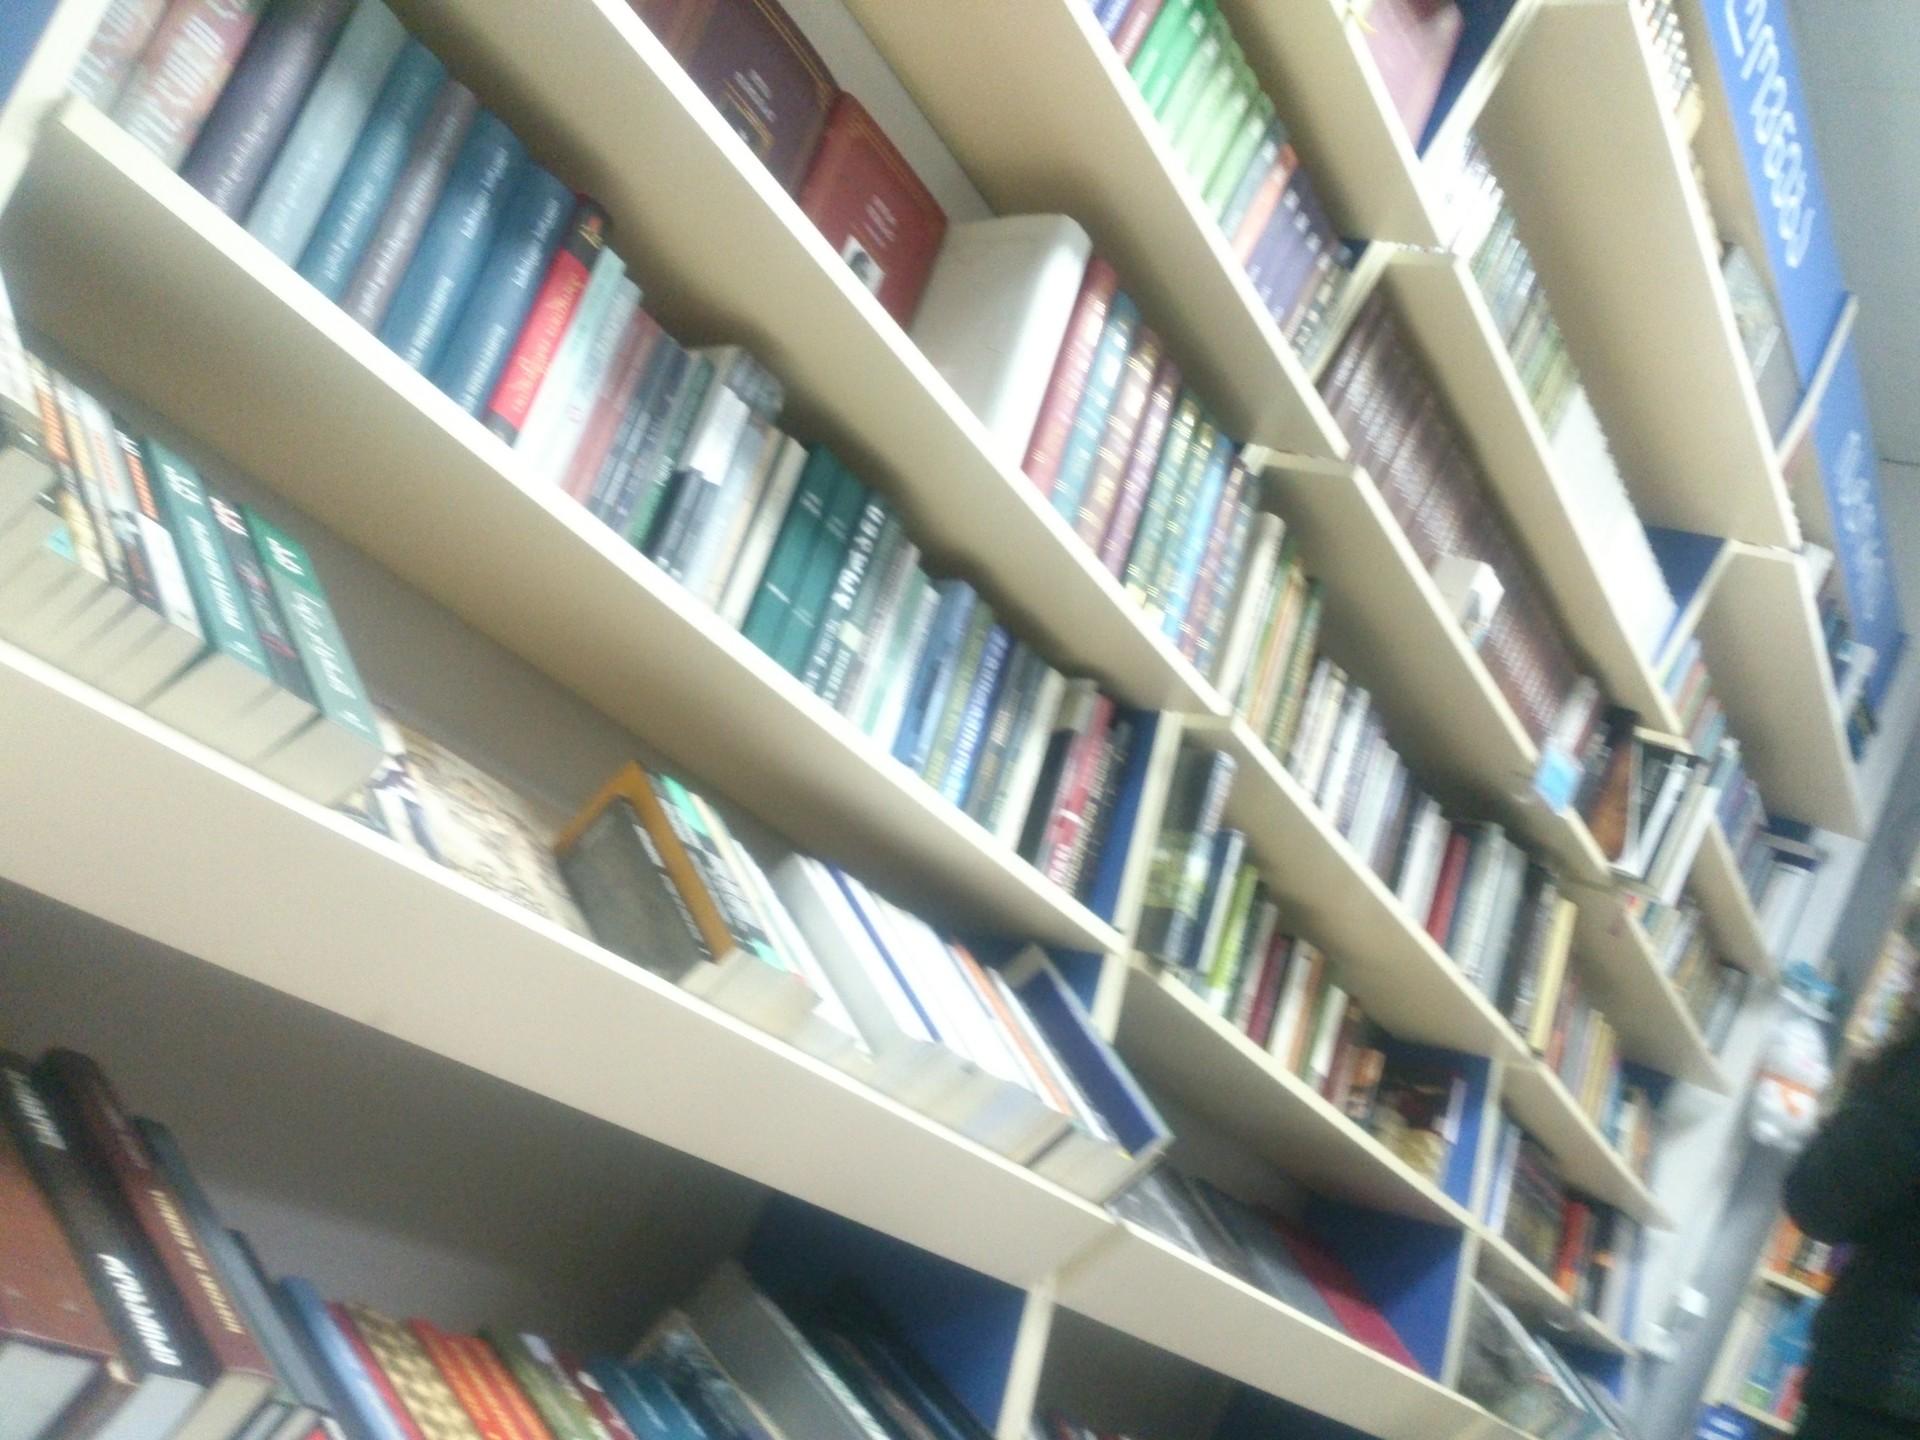 Librería Biblusi